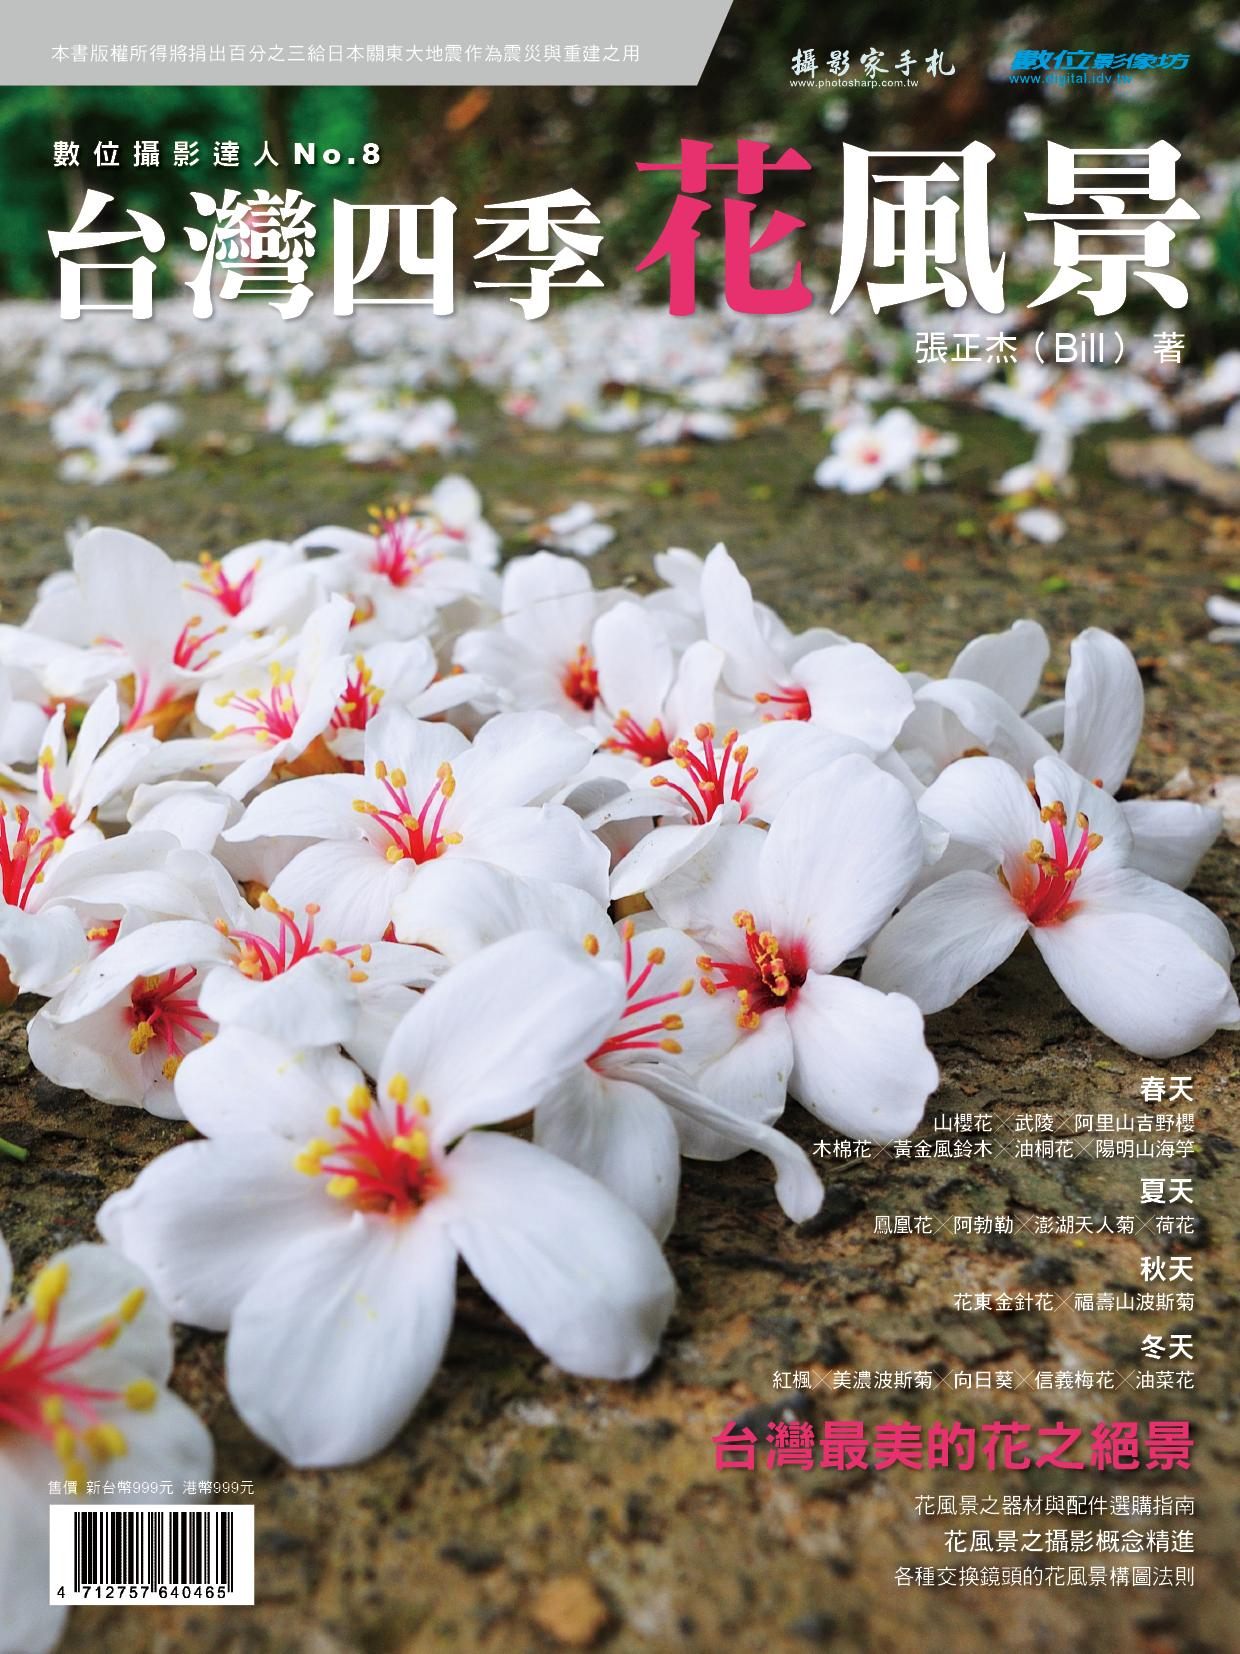 2011台灣四季花風景-封面.jpg